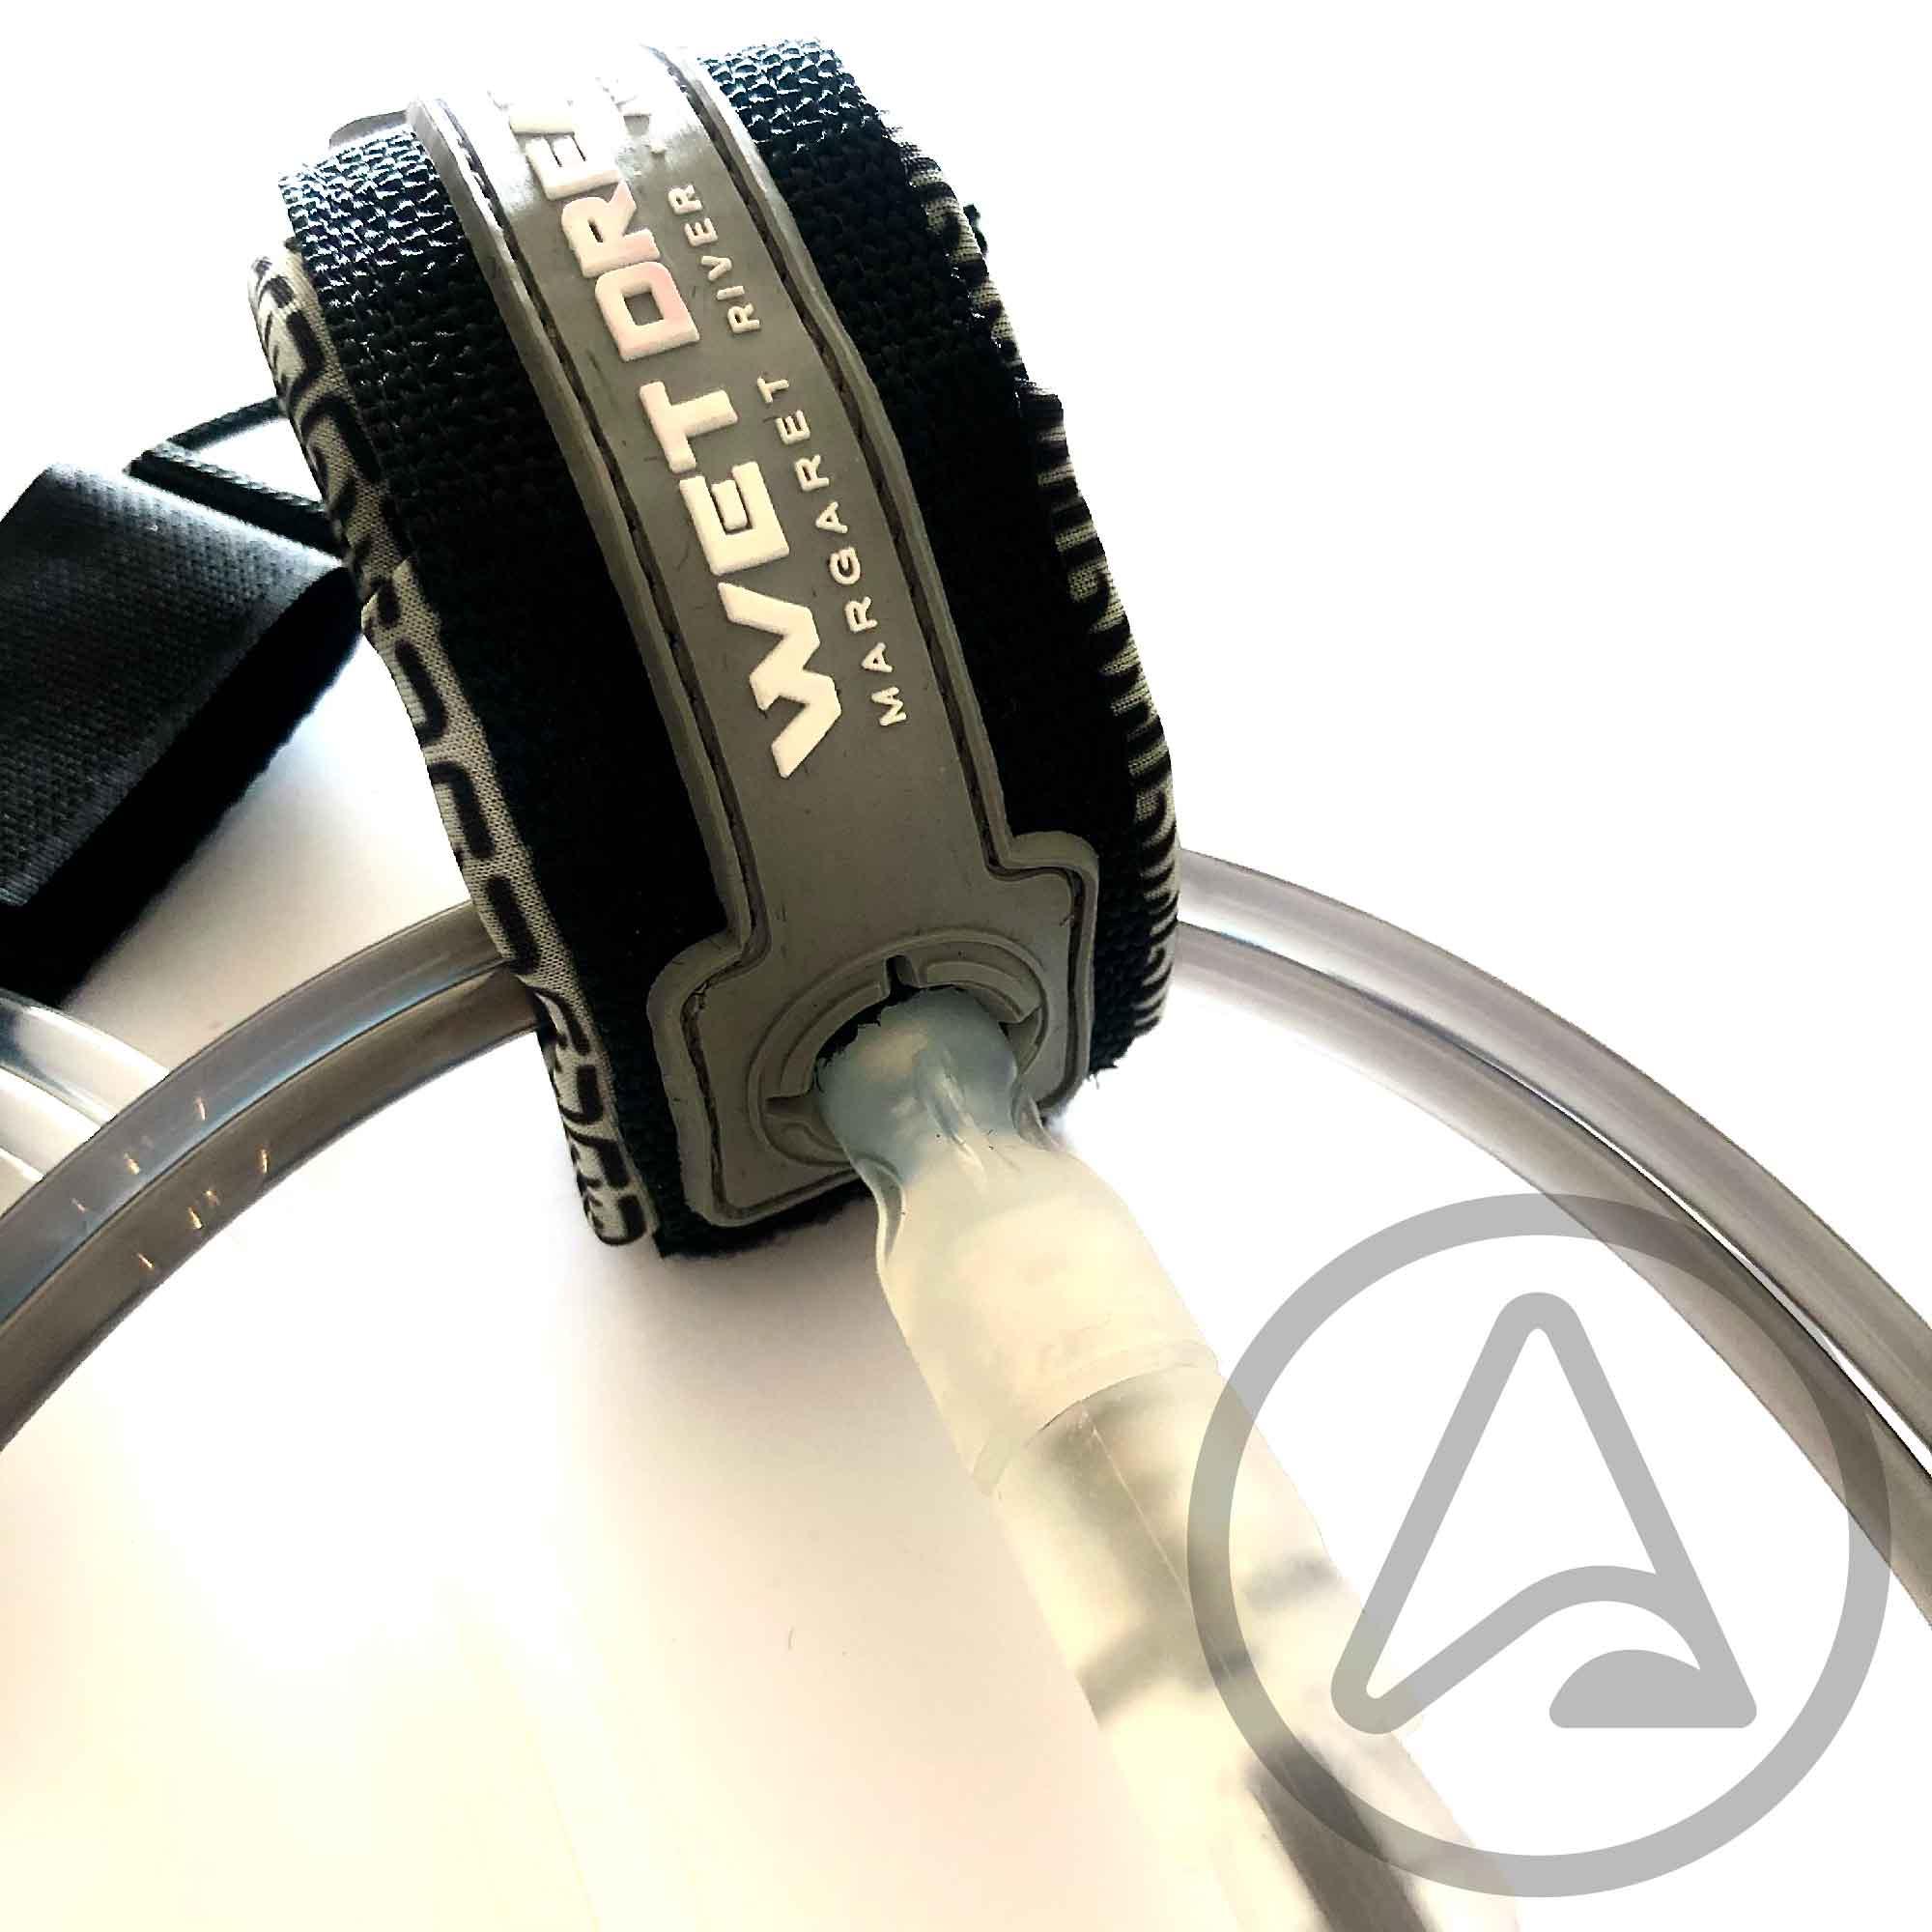 Leash Wet Dreams Moulded Line Comp Cord 6.6 x 6mm